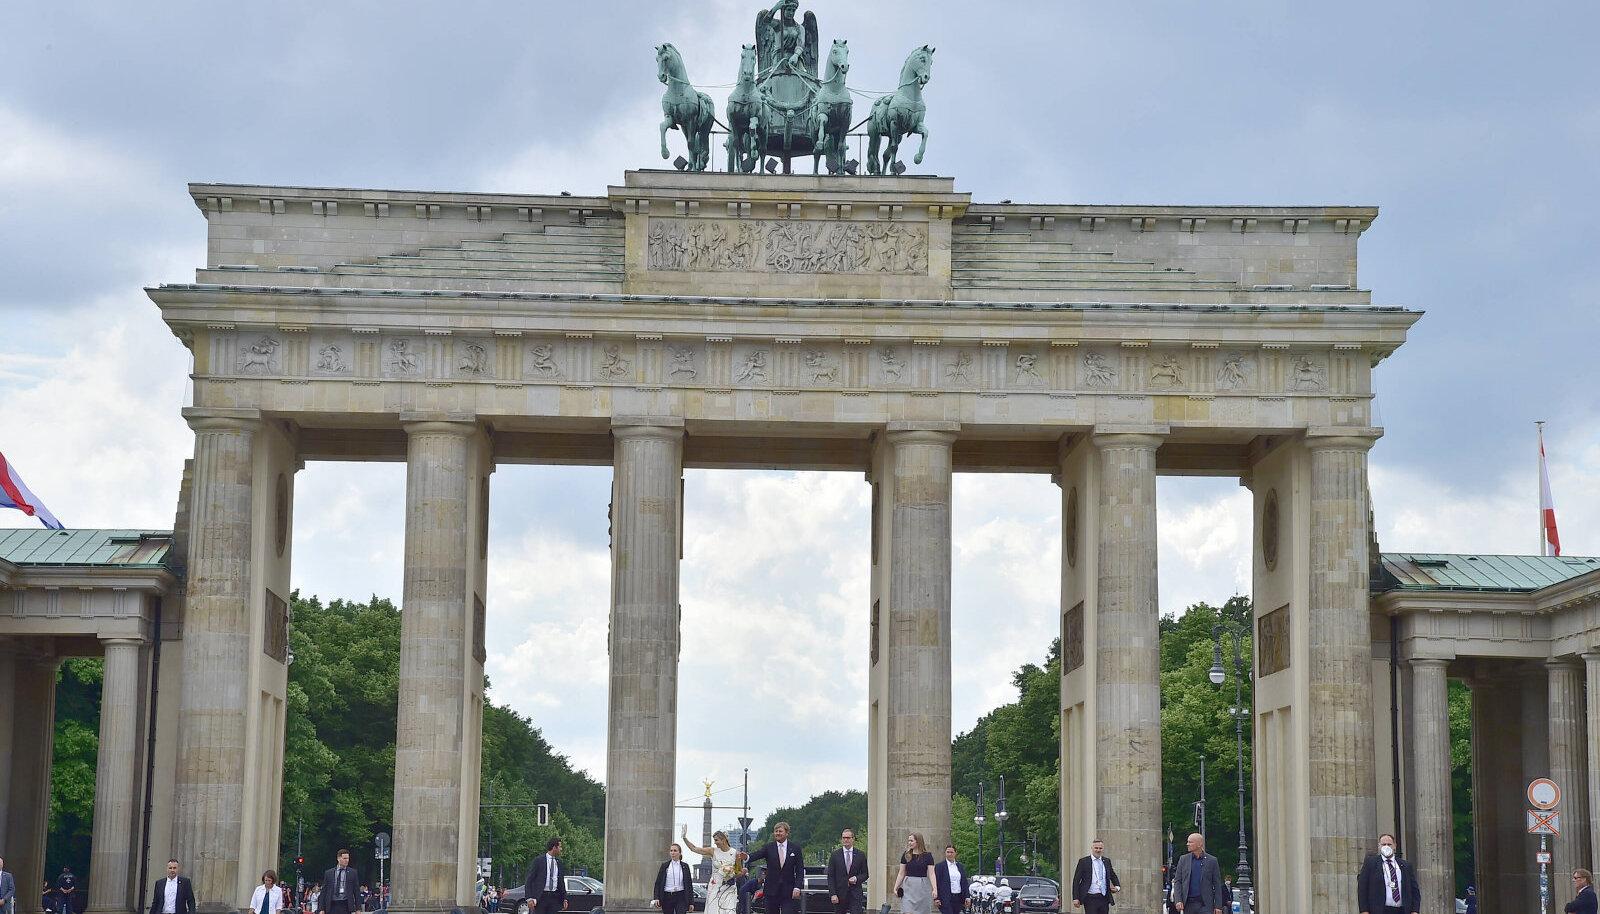 Brandenburgi värav